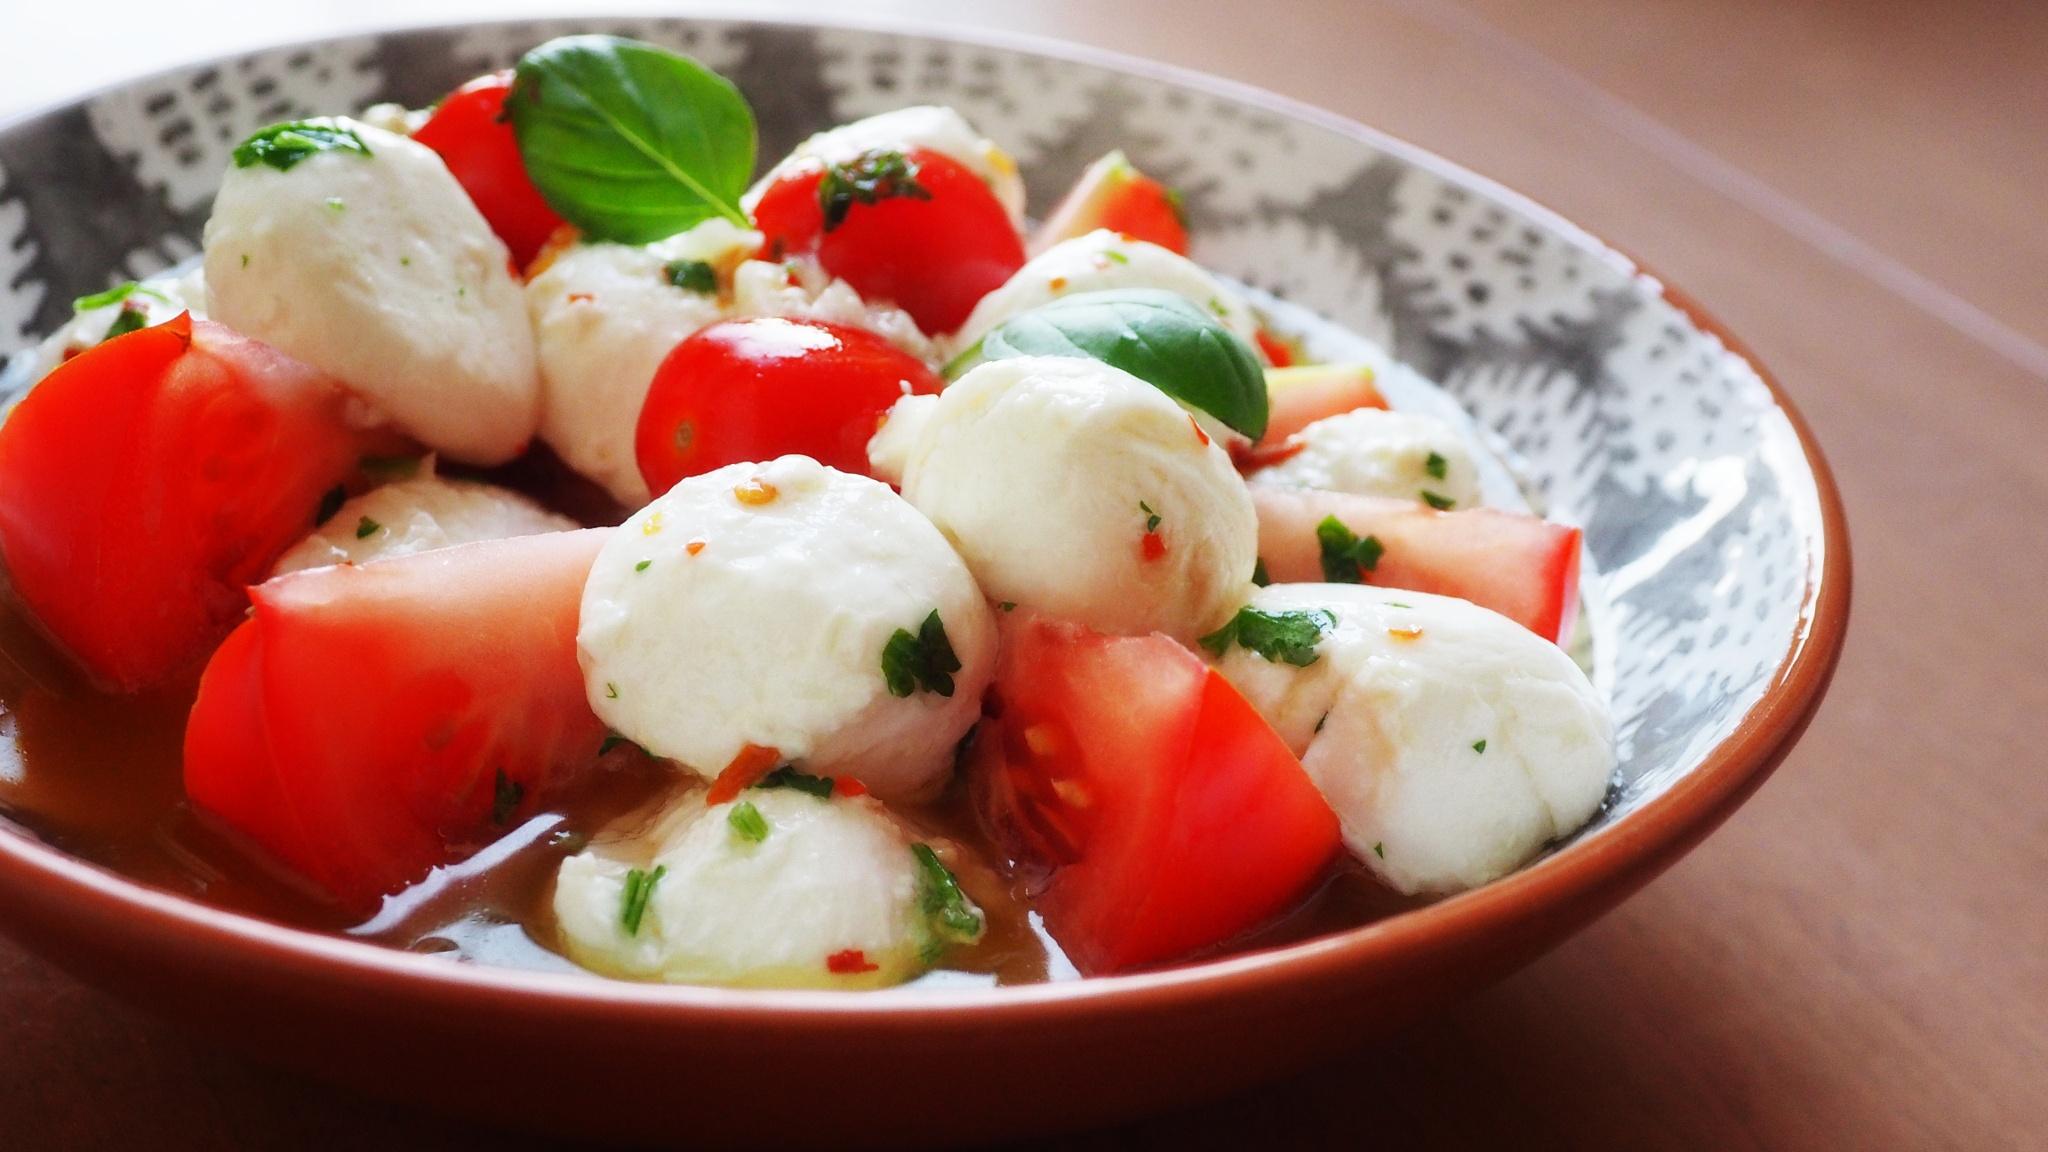 Bocconcini e Pomodori by Frederico Ferrari Fotografía